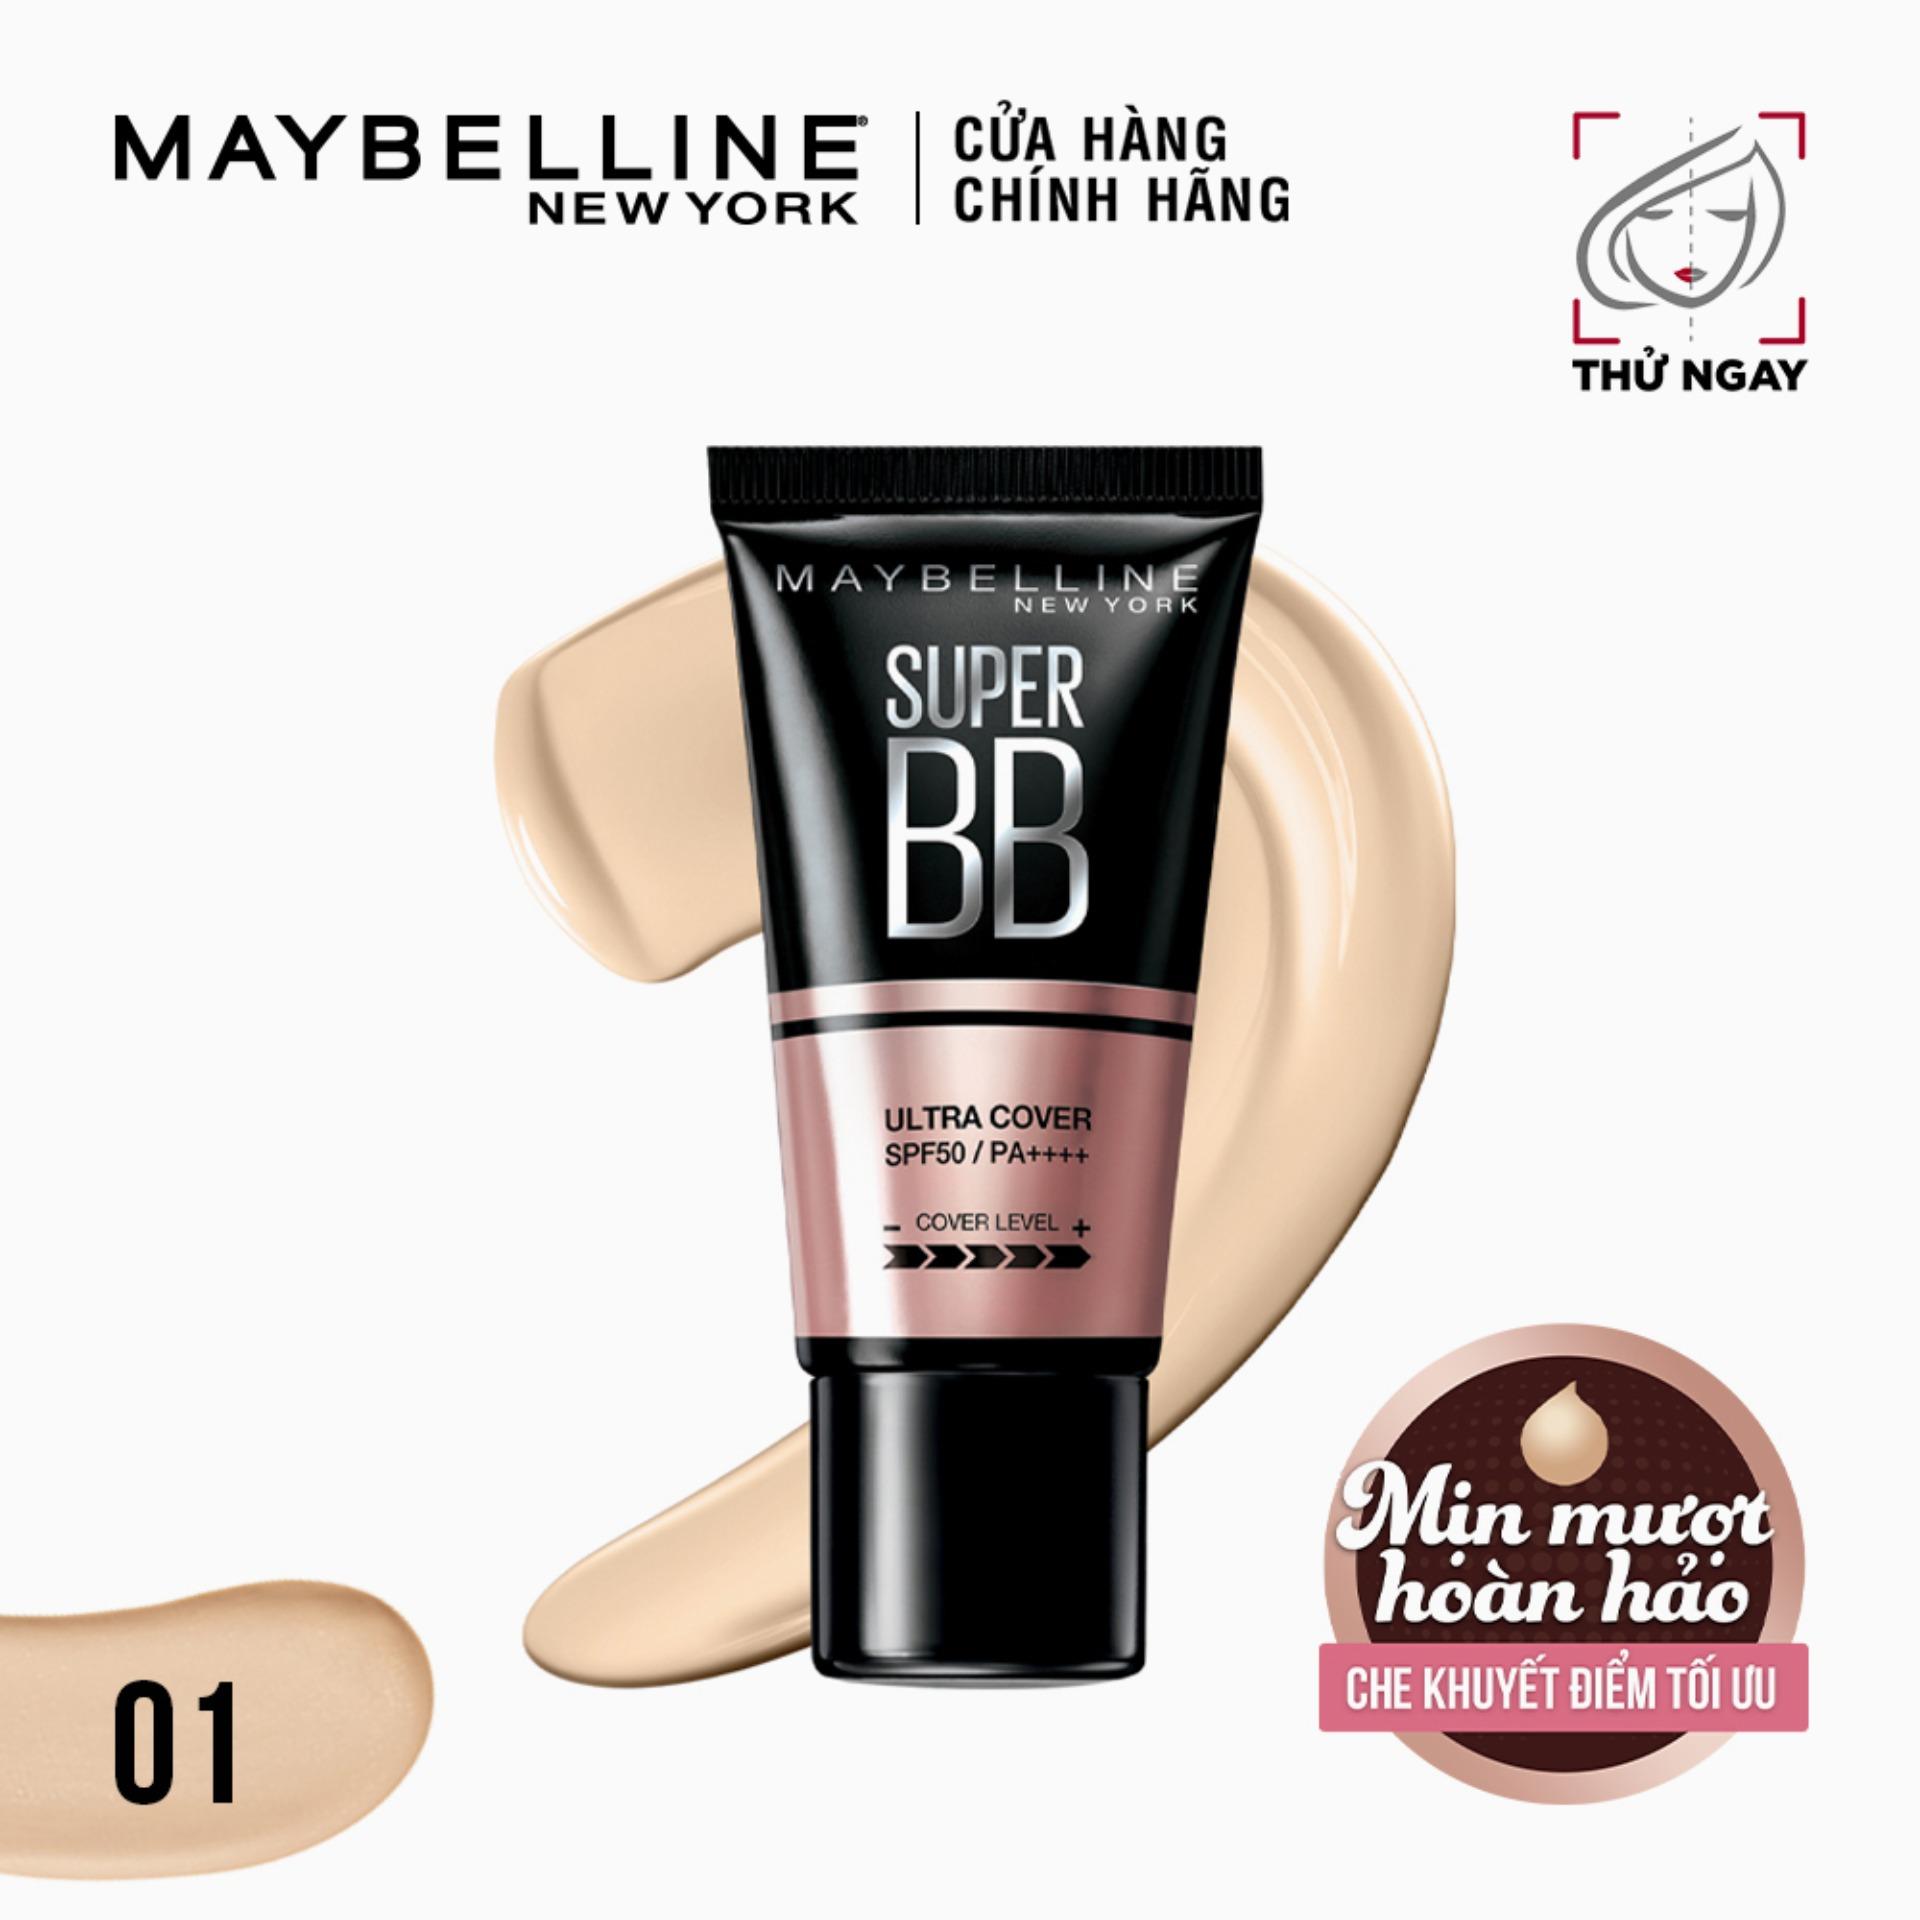 Kem trang điểm BB che khuyết điểm và chống nắng Maybelline New York Super BB Ultra Cover SPF 50 PA++++